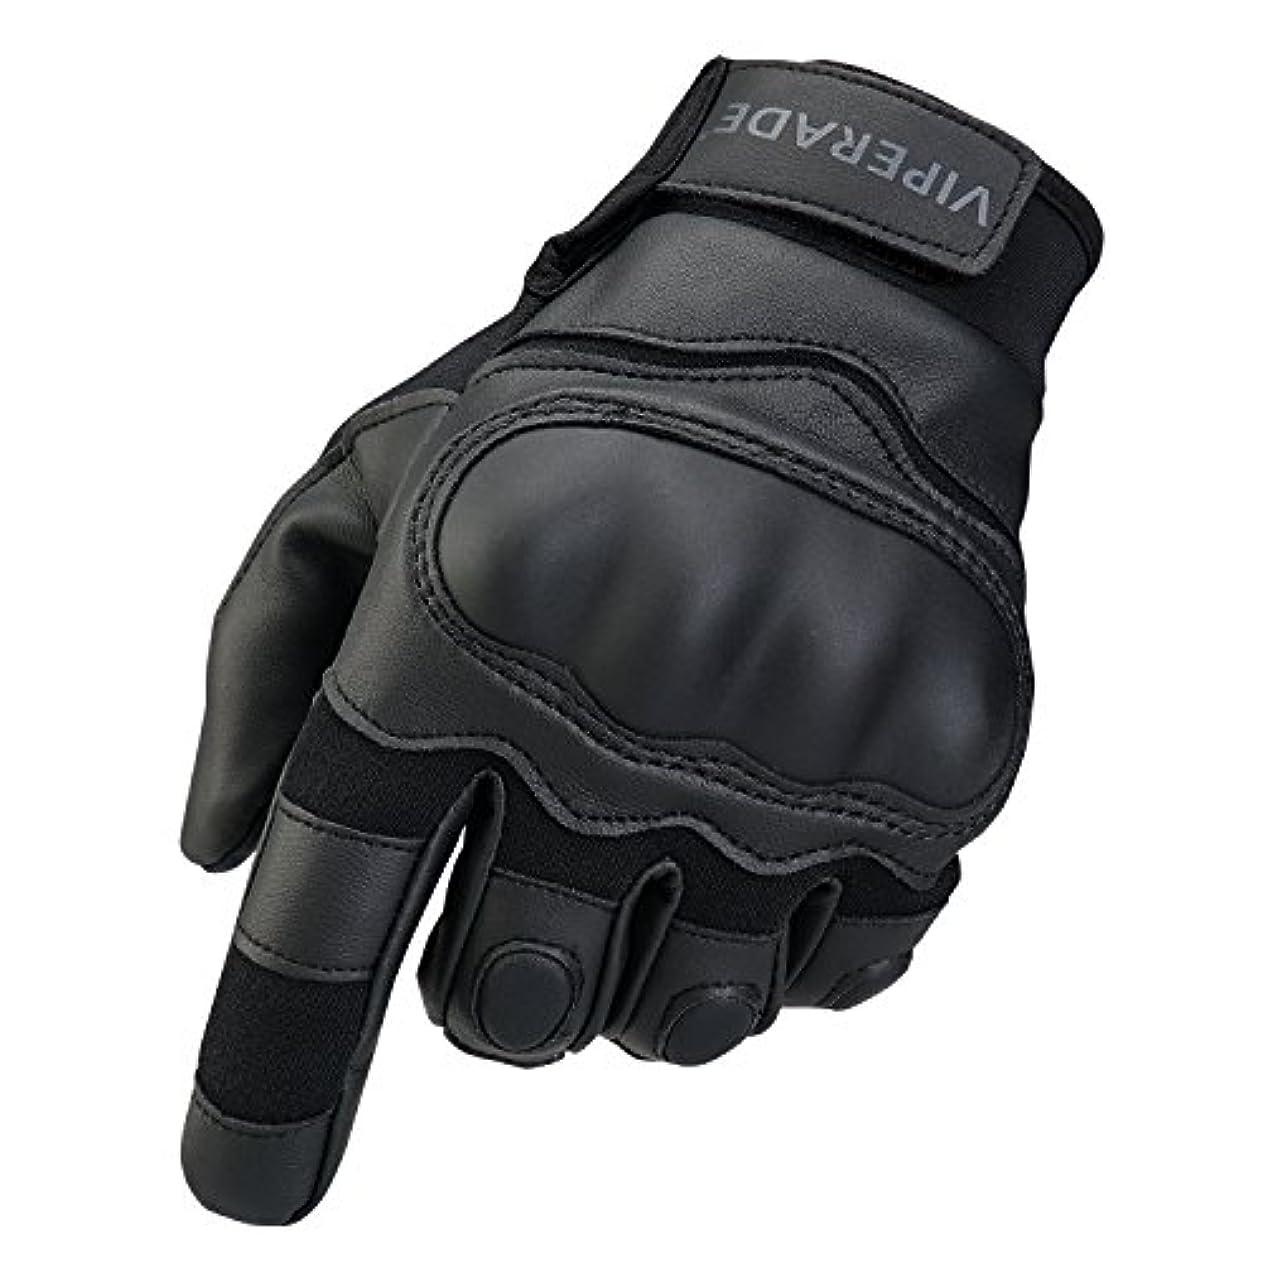 近代化する不機嫌そうな日付付きVIPERADEサイクリング手袋、屋外用防風オートバイ用手袋、戦術用手袋、ミリタリーグローブ、自転車オートバイクライミンググローブ、安全で 手袋、ミリタリーラバーハードナックルアウトドアグローブ